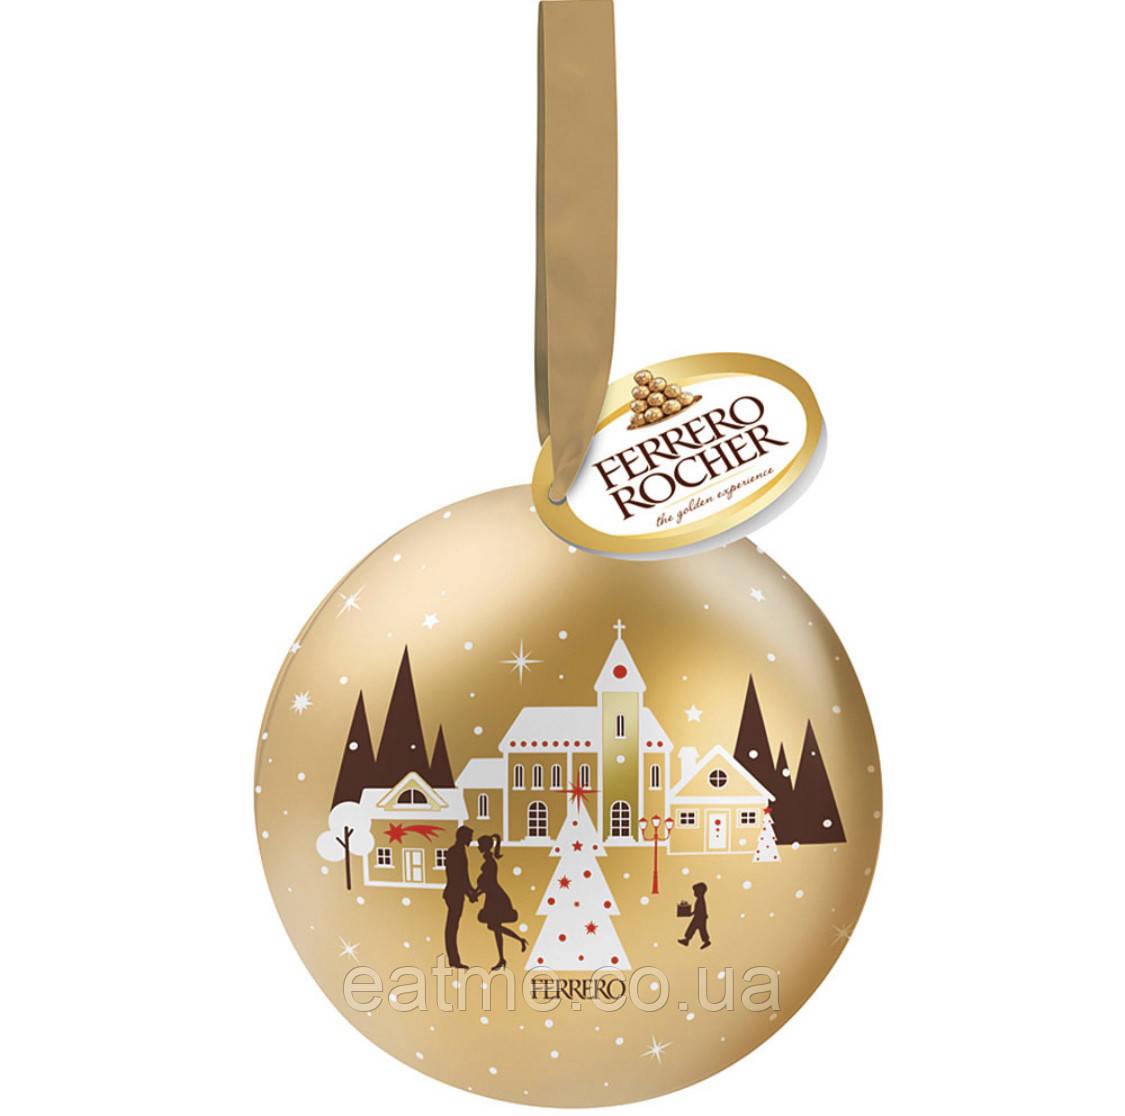 Ferrero Rocher Deko-Weihnachtskugel Шар на ёлку с конфетами внутри